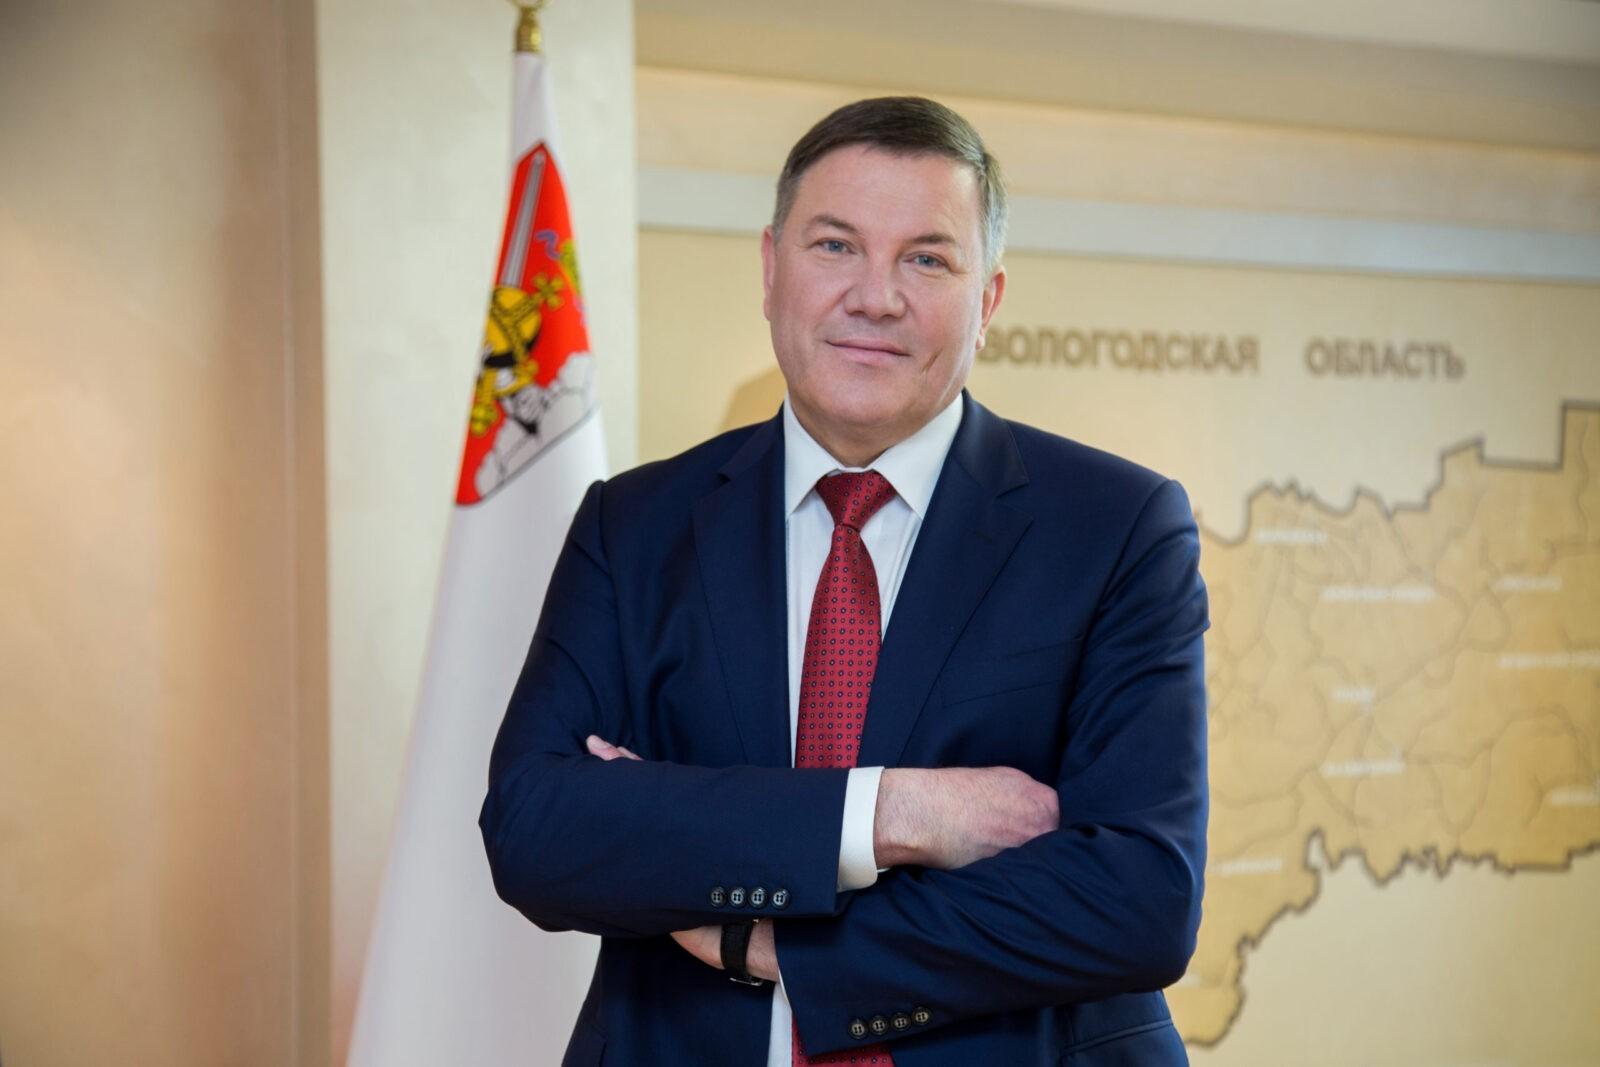 2 февраля 2020 года свой 55-й день рождения празднует Губернатор Вологодской области (РФ) Олег Александрович Кувшинников